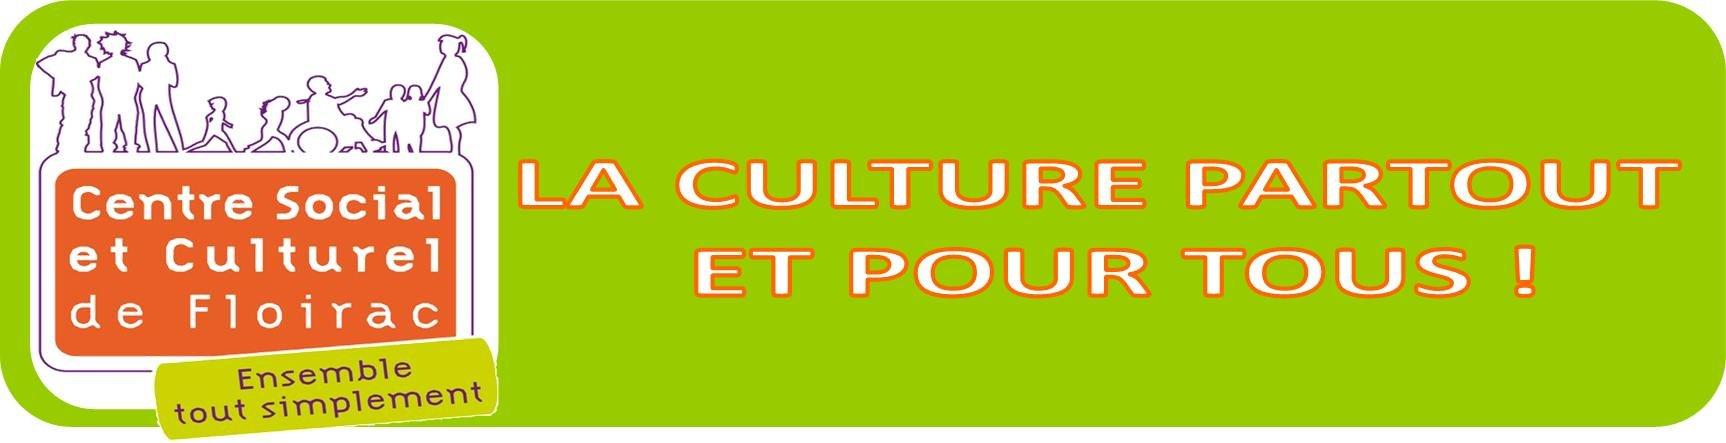 Centre Social et Culturel Floirac